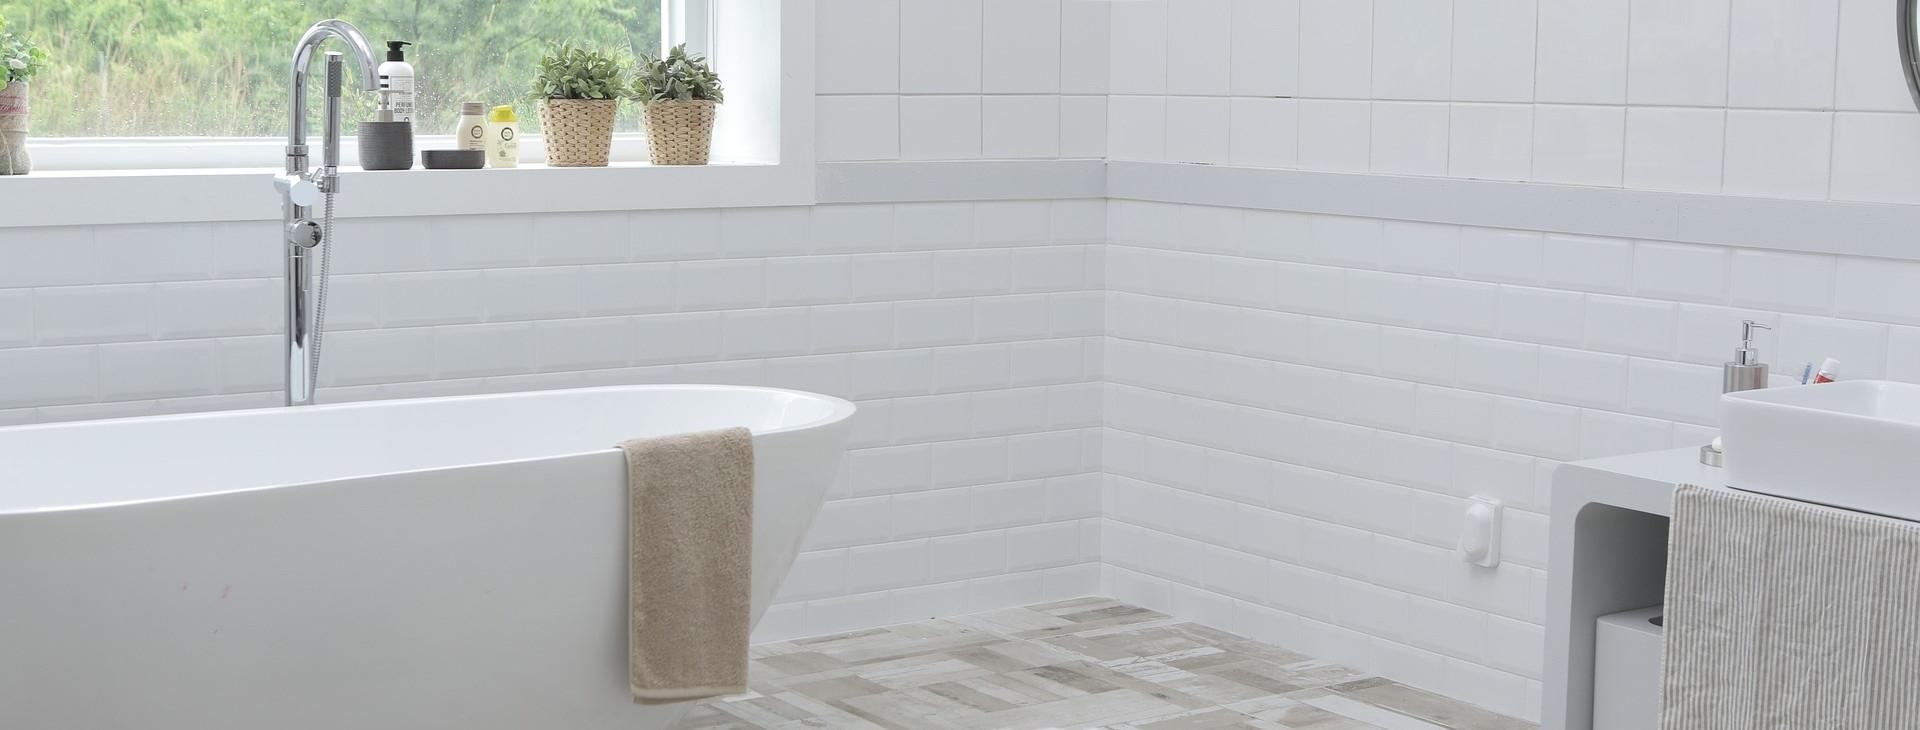 łazienki Bielsko Biała Pszczyna Płytki Ceramiczne Bielsko